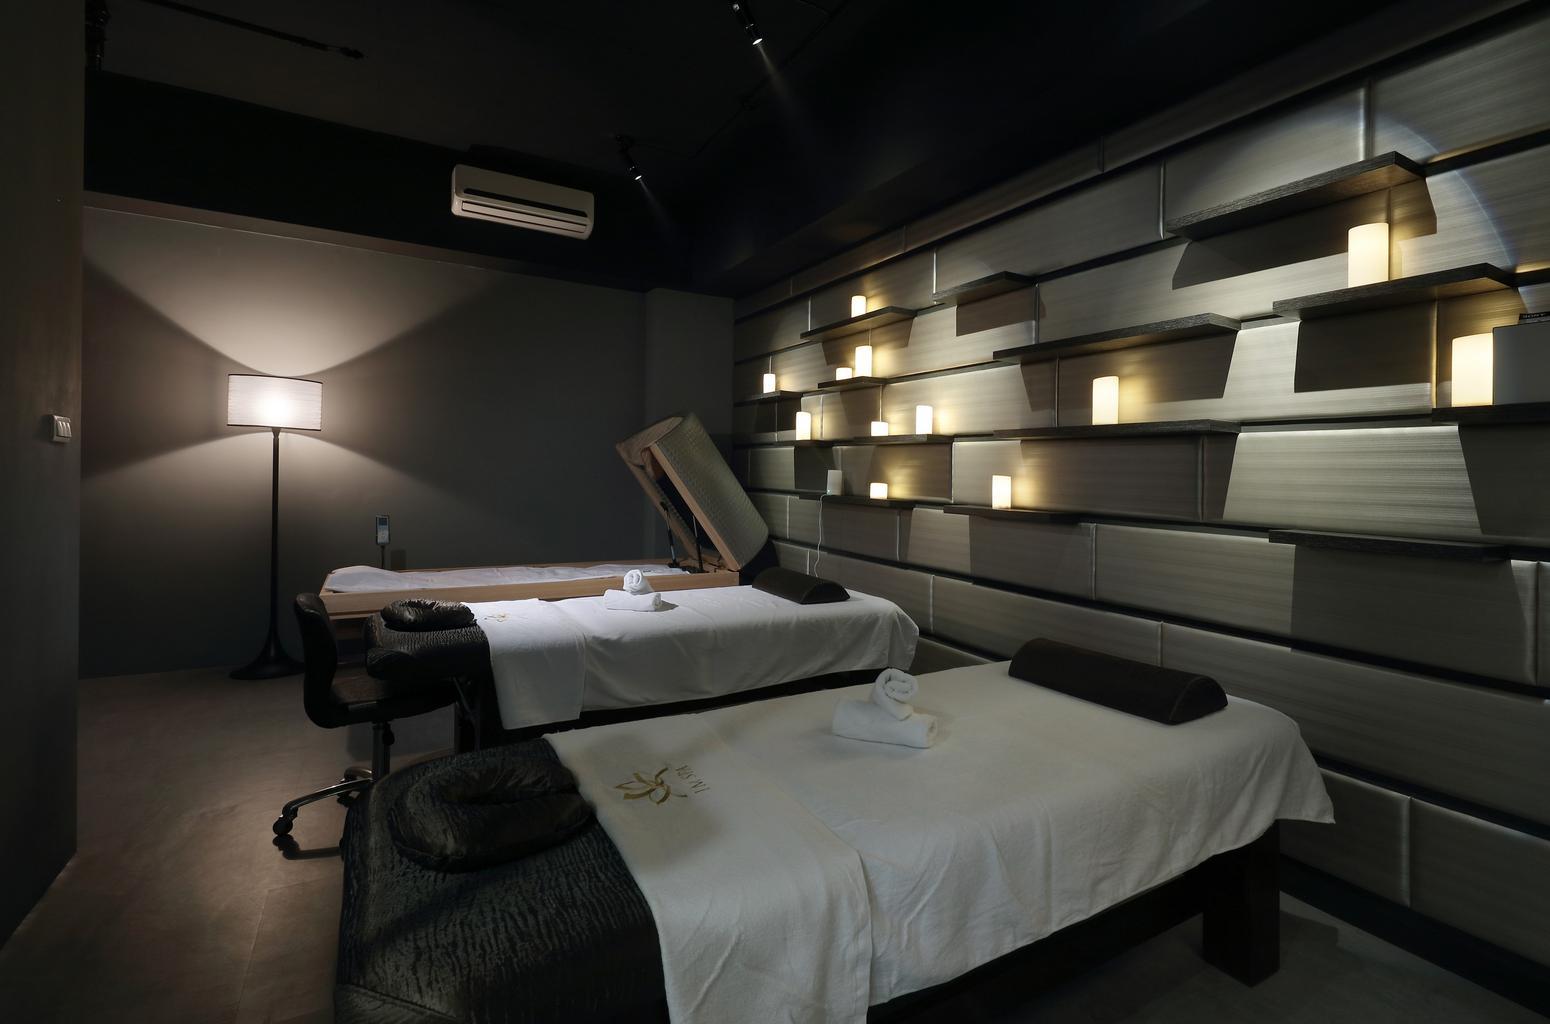 postele na masáž